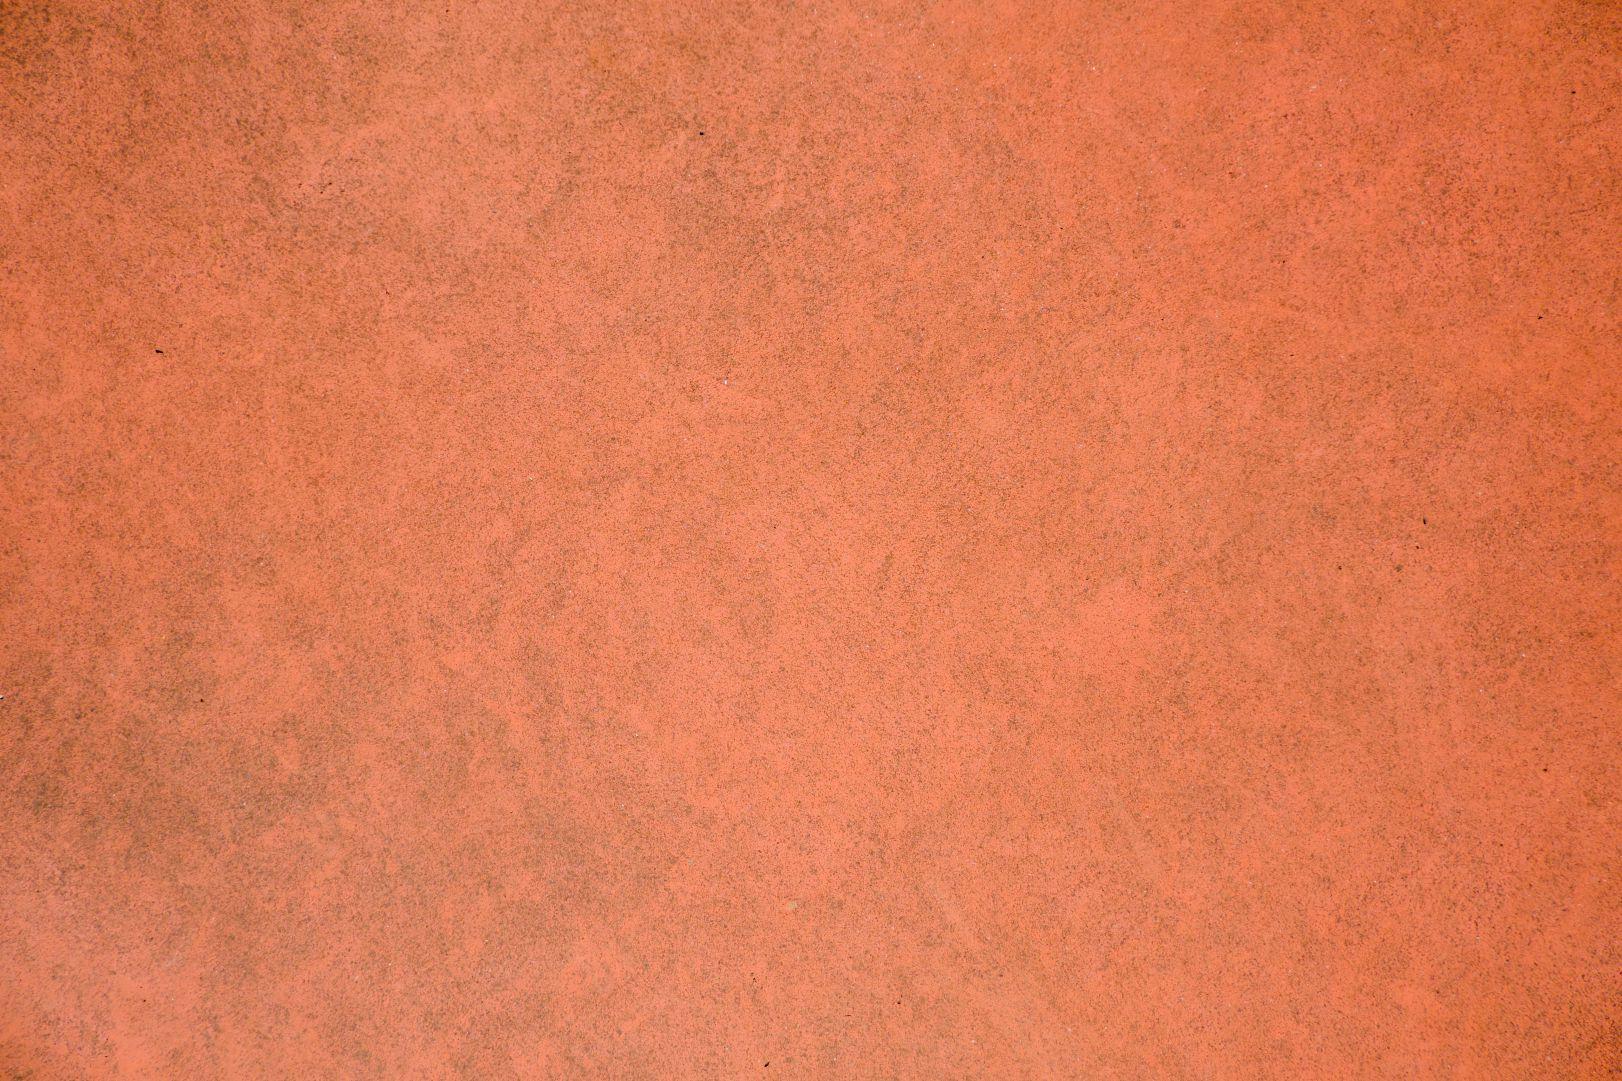 红色墙面纹理材质图片 - 免费高清图片下载